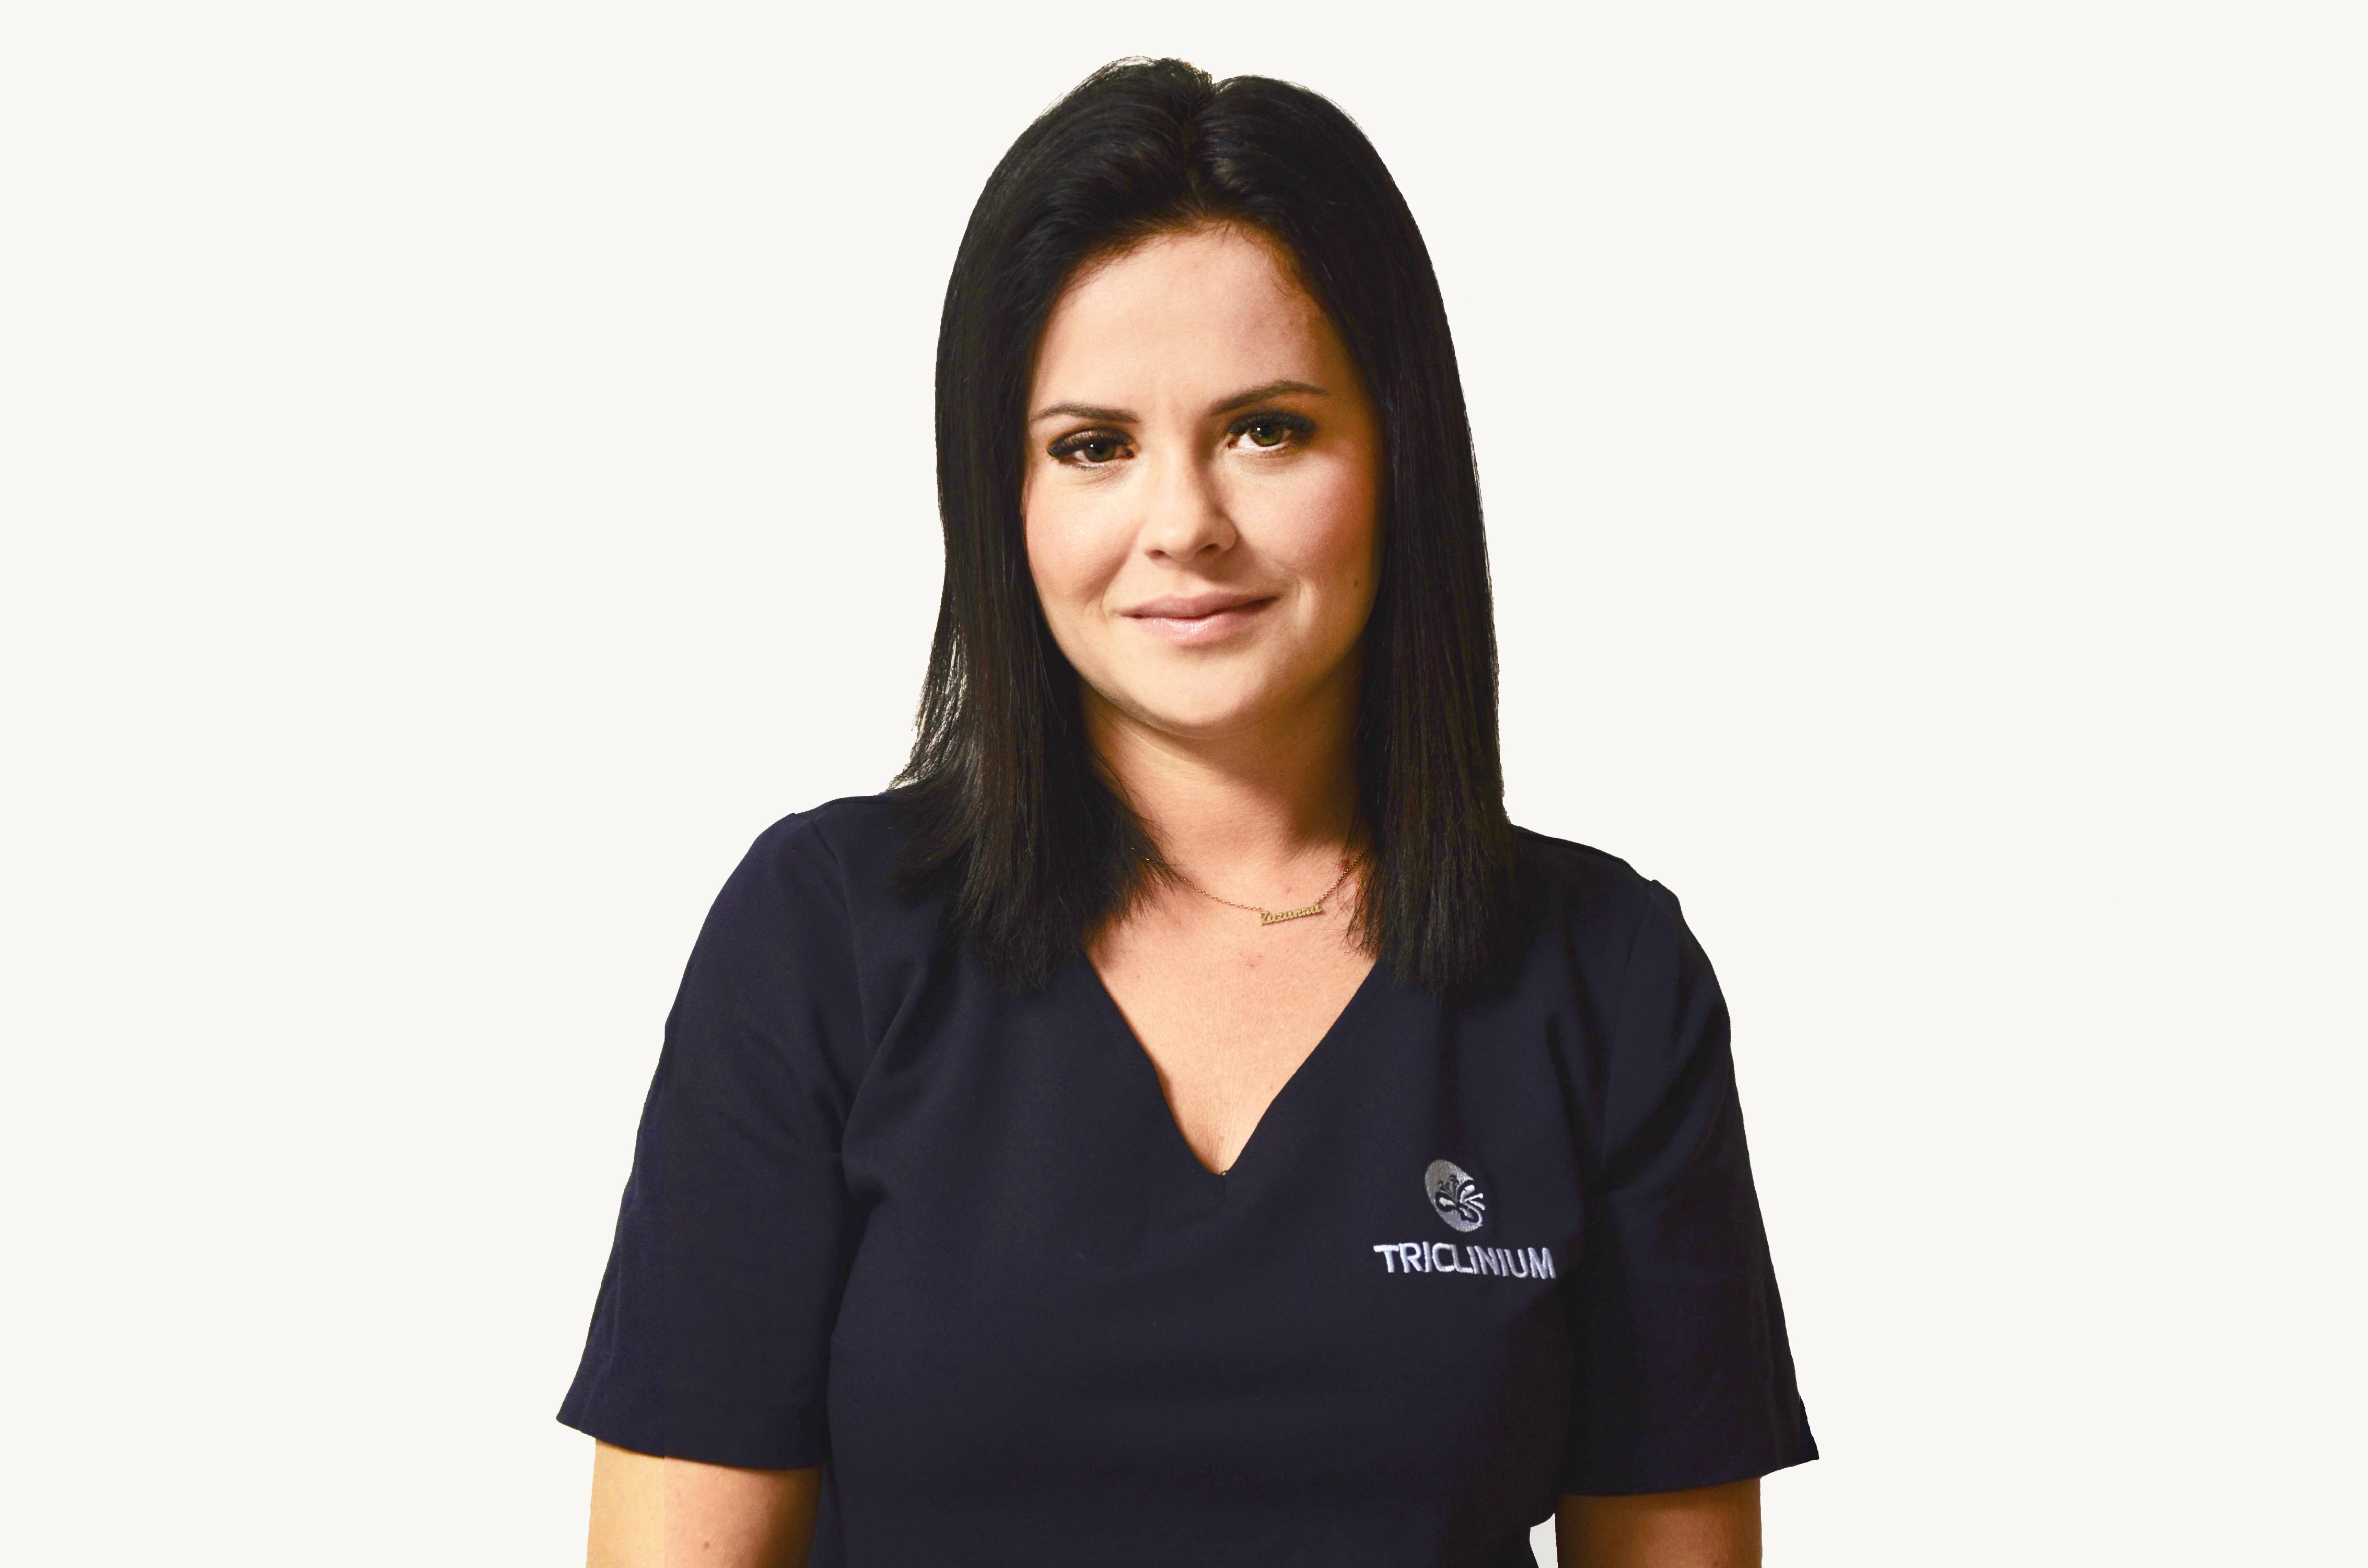 MCS Katarzyna Ciach